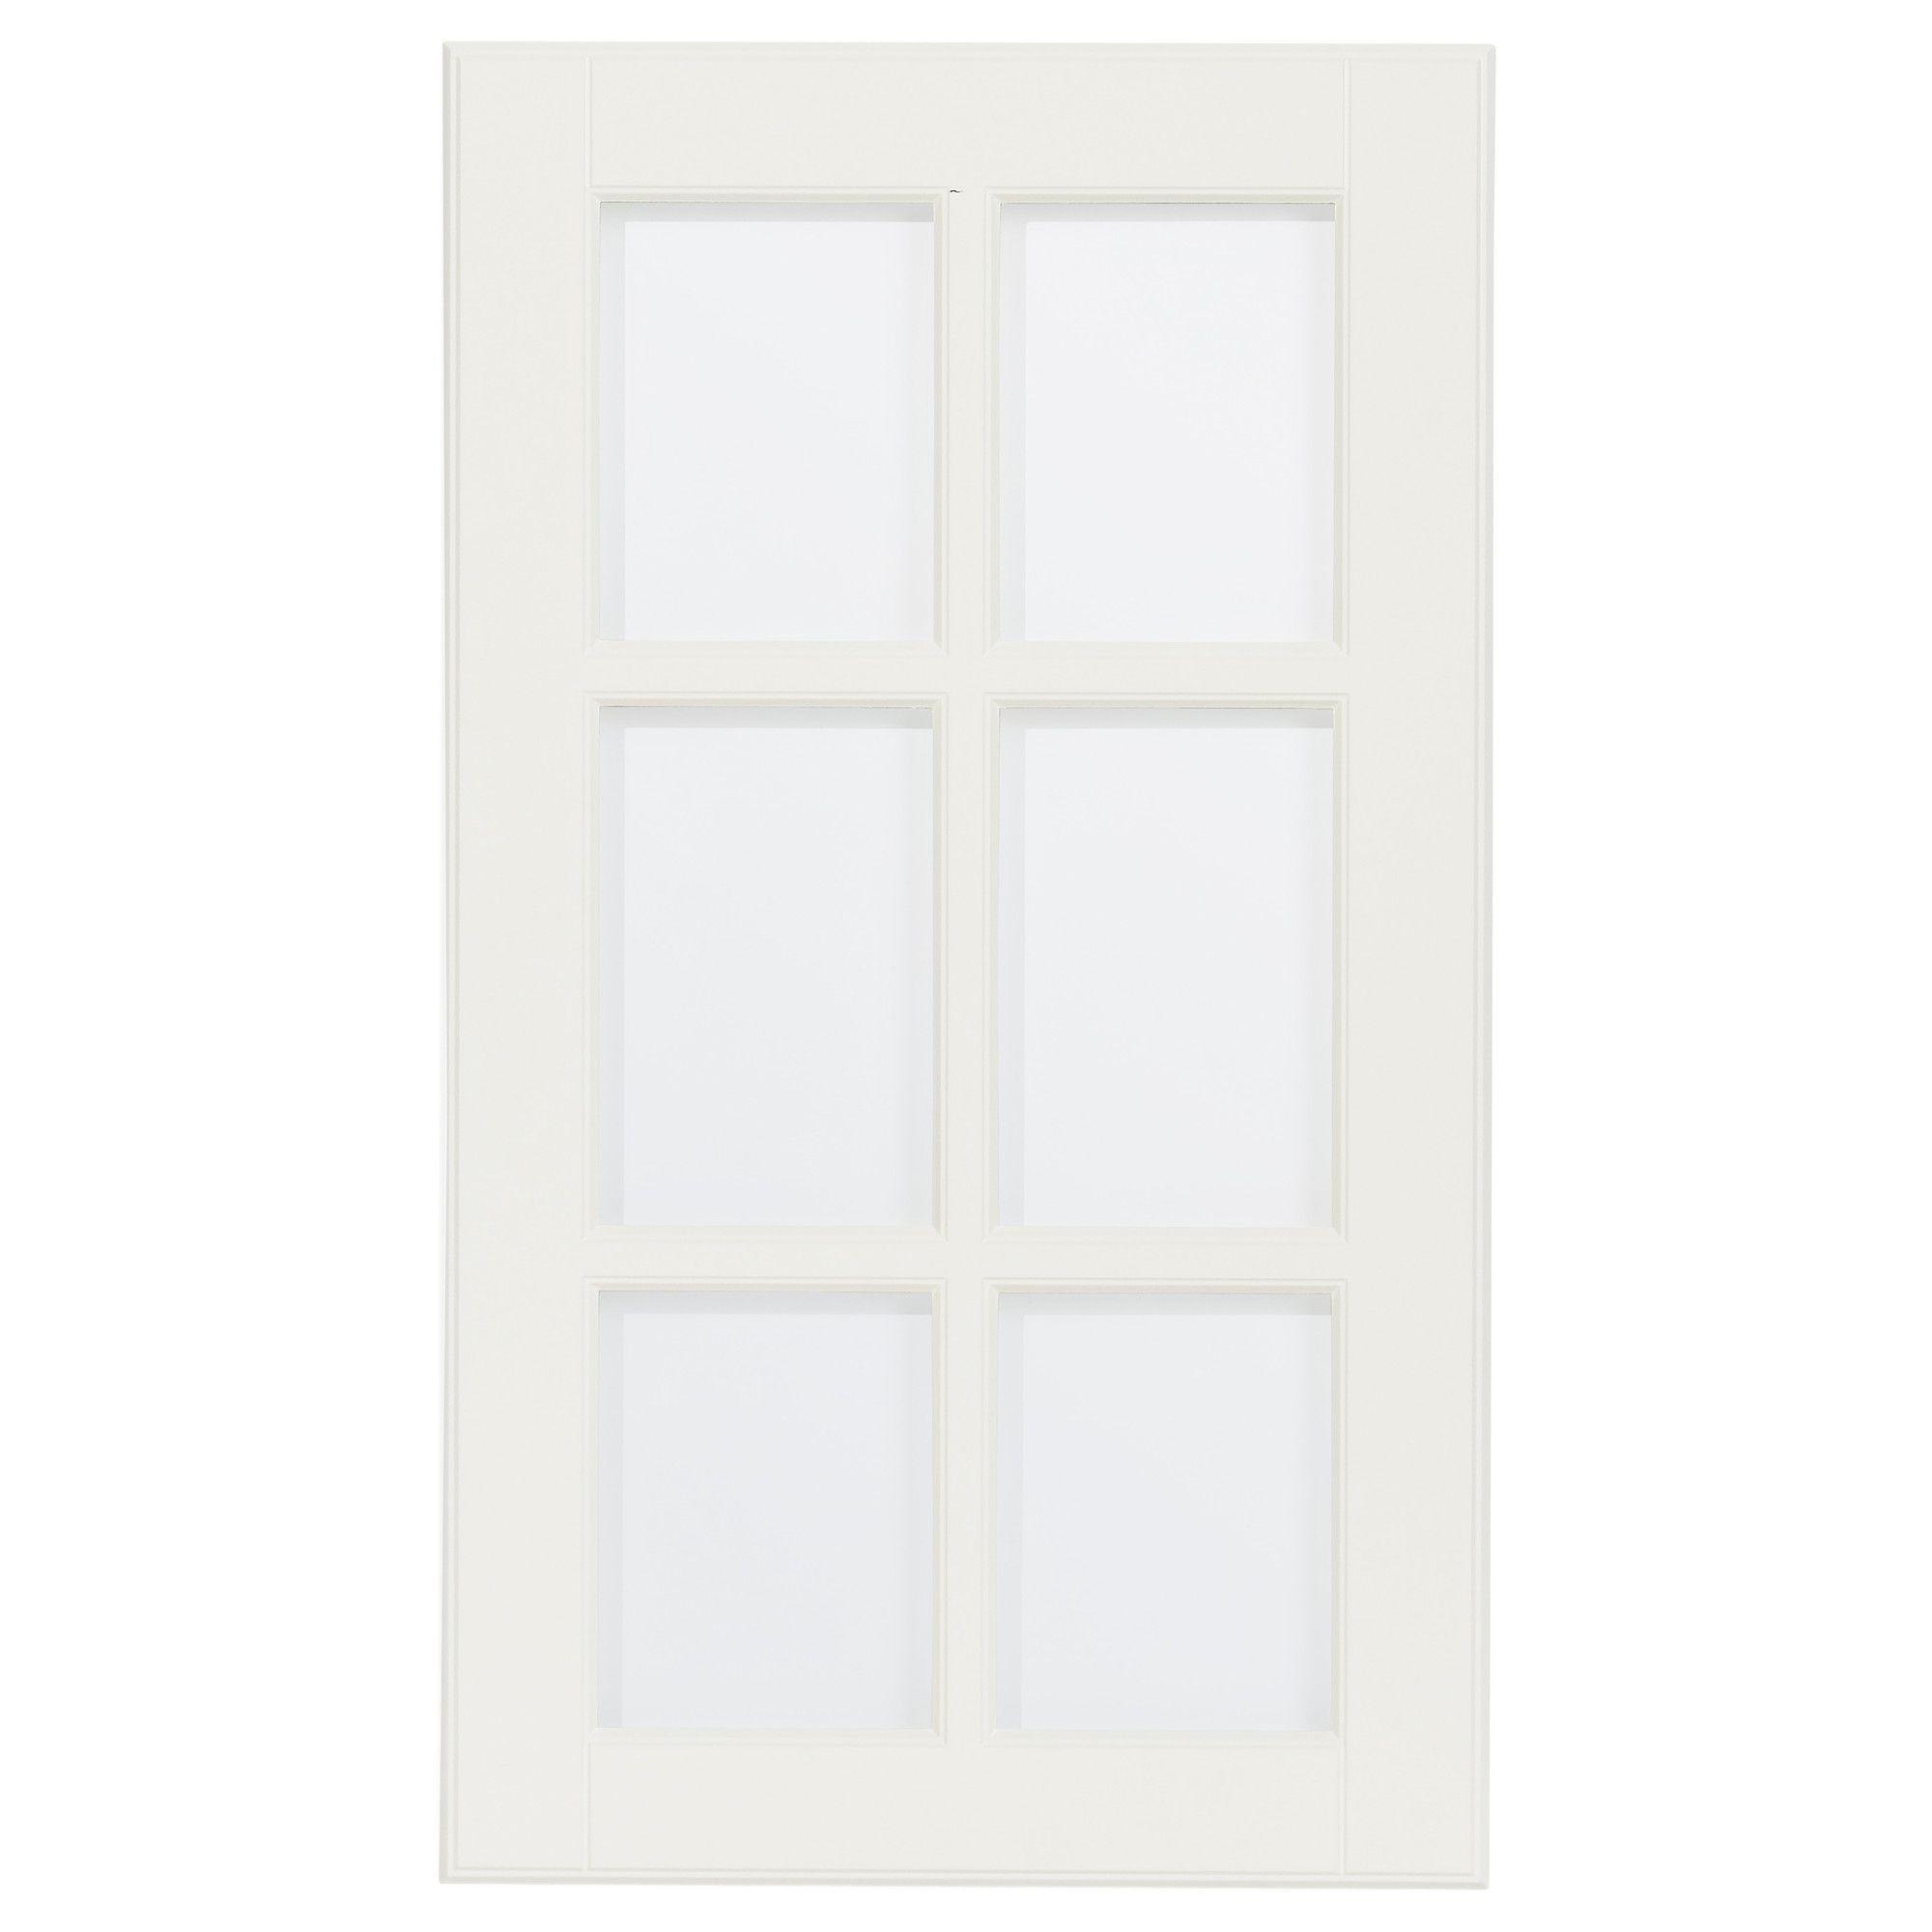 Glass For Kitchen Cabinet Doors Only: Only Upper Cabinet Doors $56.00 LIDINGÖ Glass Door